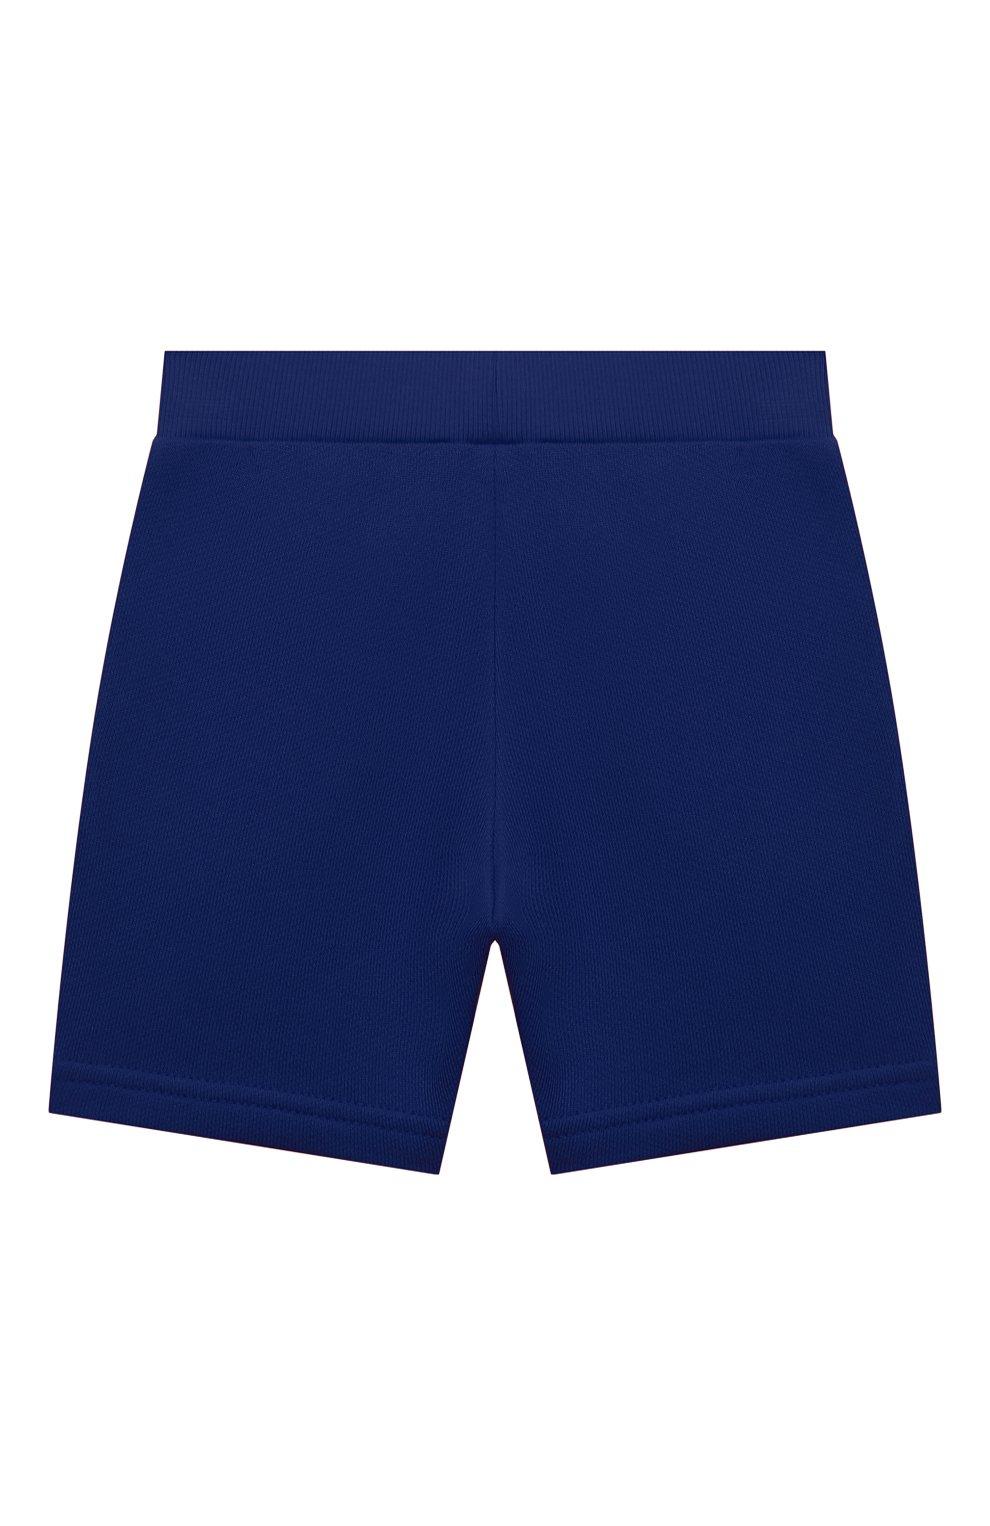 Детские шорты EMPORIO ARMANI синего цвета, арт. 3KHSJ3/4J4IZ   Фото 2